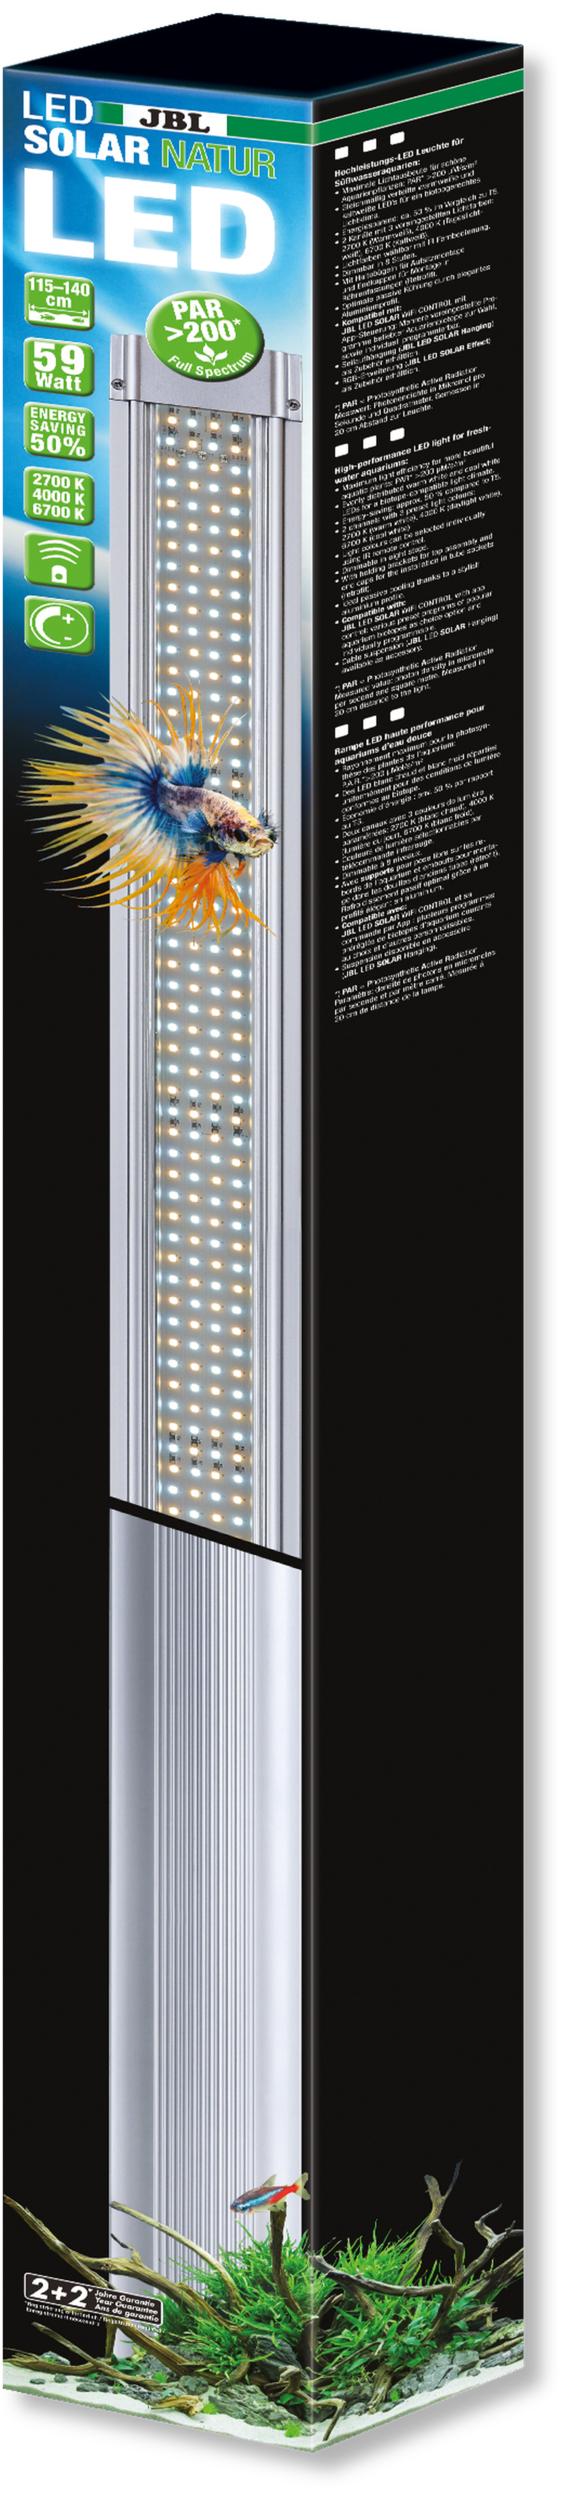 JBL LED Solar Natur 59W rampe aquarium Eau douce de 115 à 140 cm ou remplace tube T5 et T8